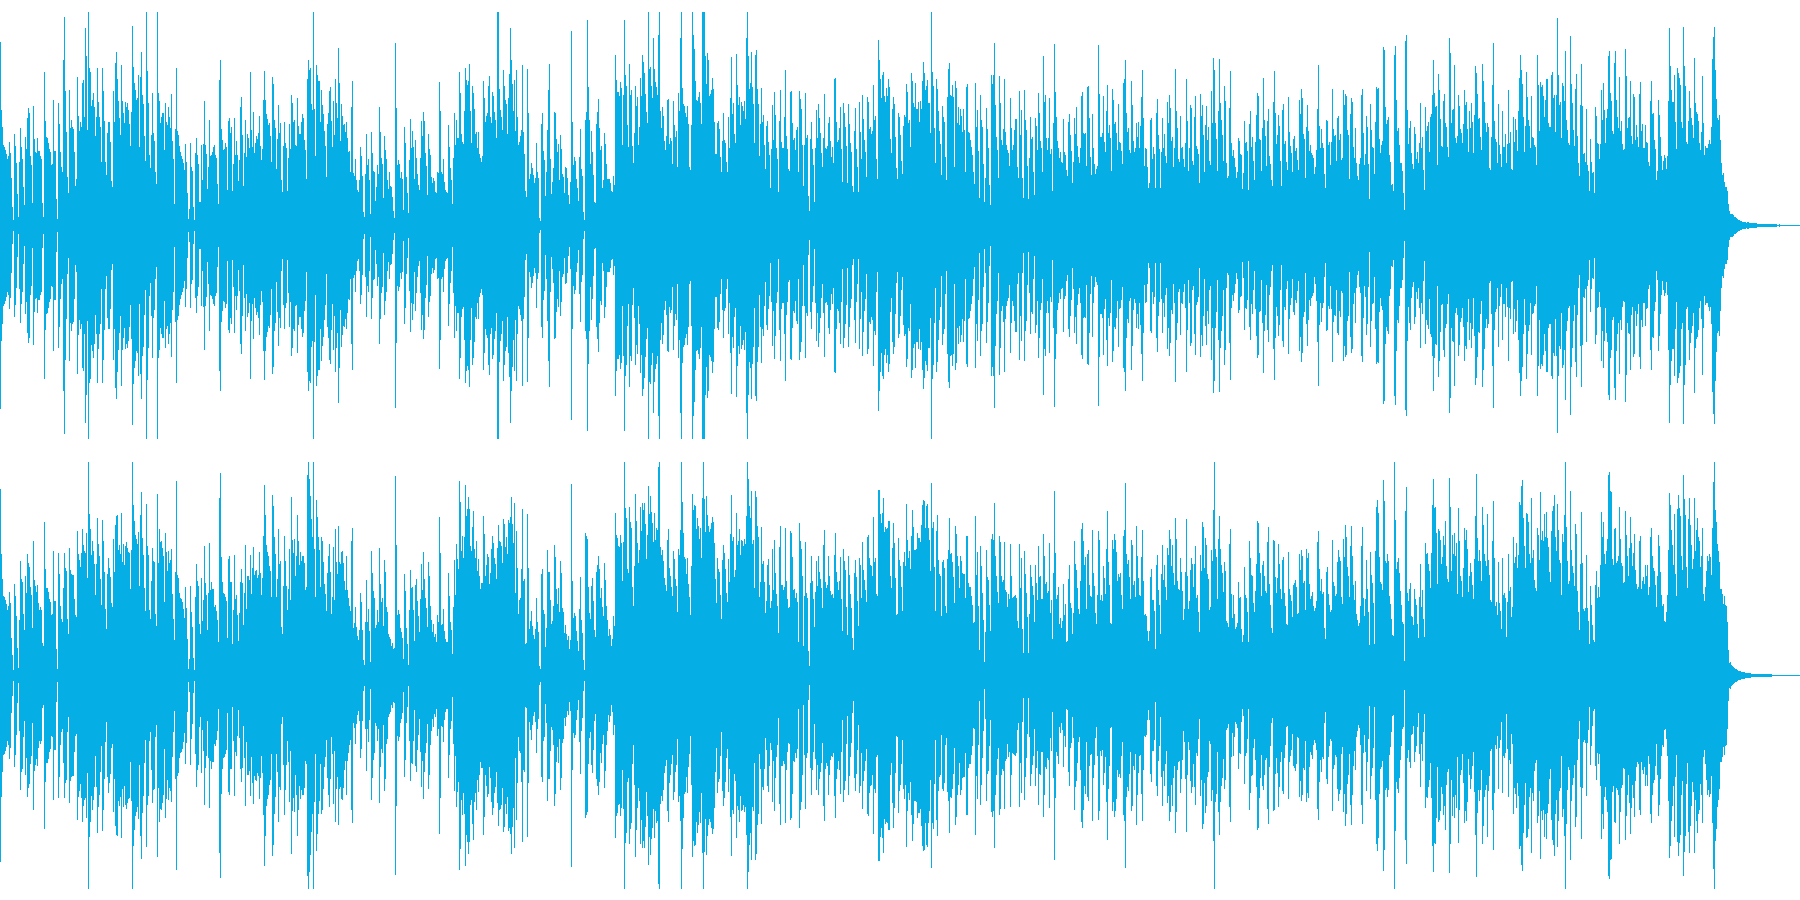 サックスとオルガンのニュー・ジャズの再生済みの波形